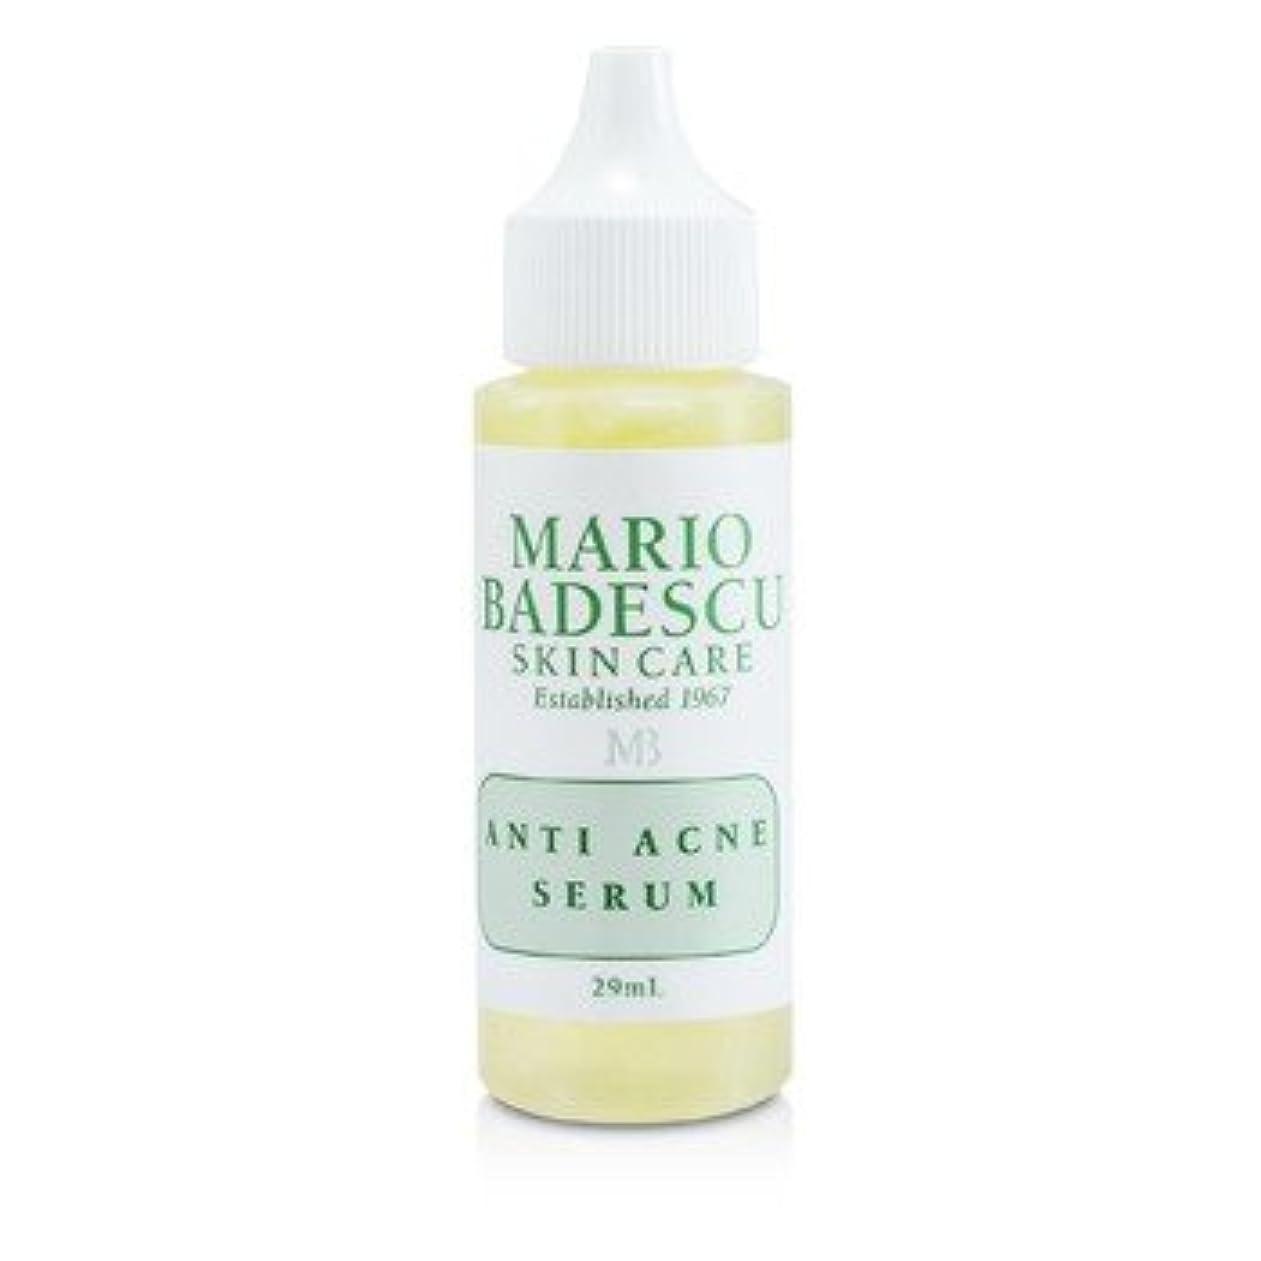 マングルアプローチ払い戻し[Mario Badescu] Anti-Acne Serum - For Combination/ Oily Skin Types 29ml/1oz